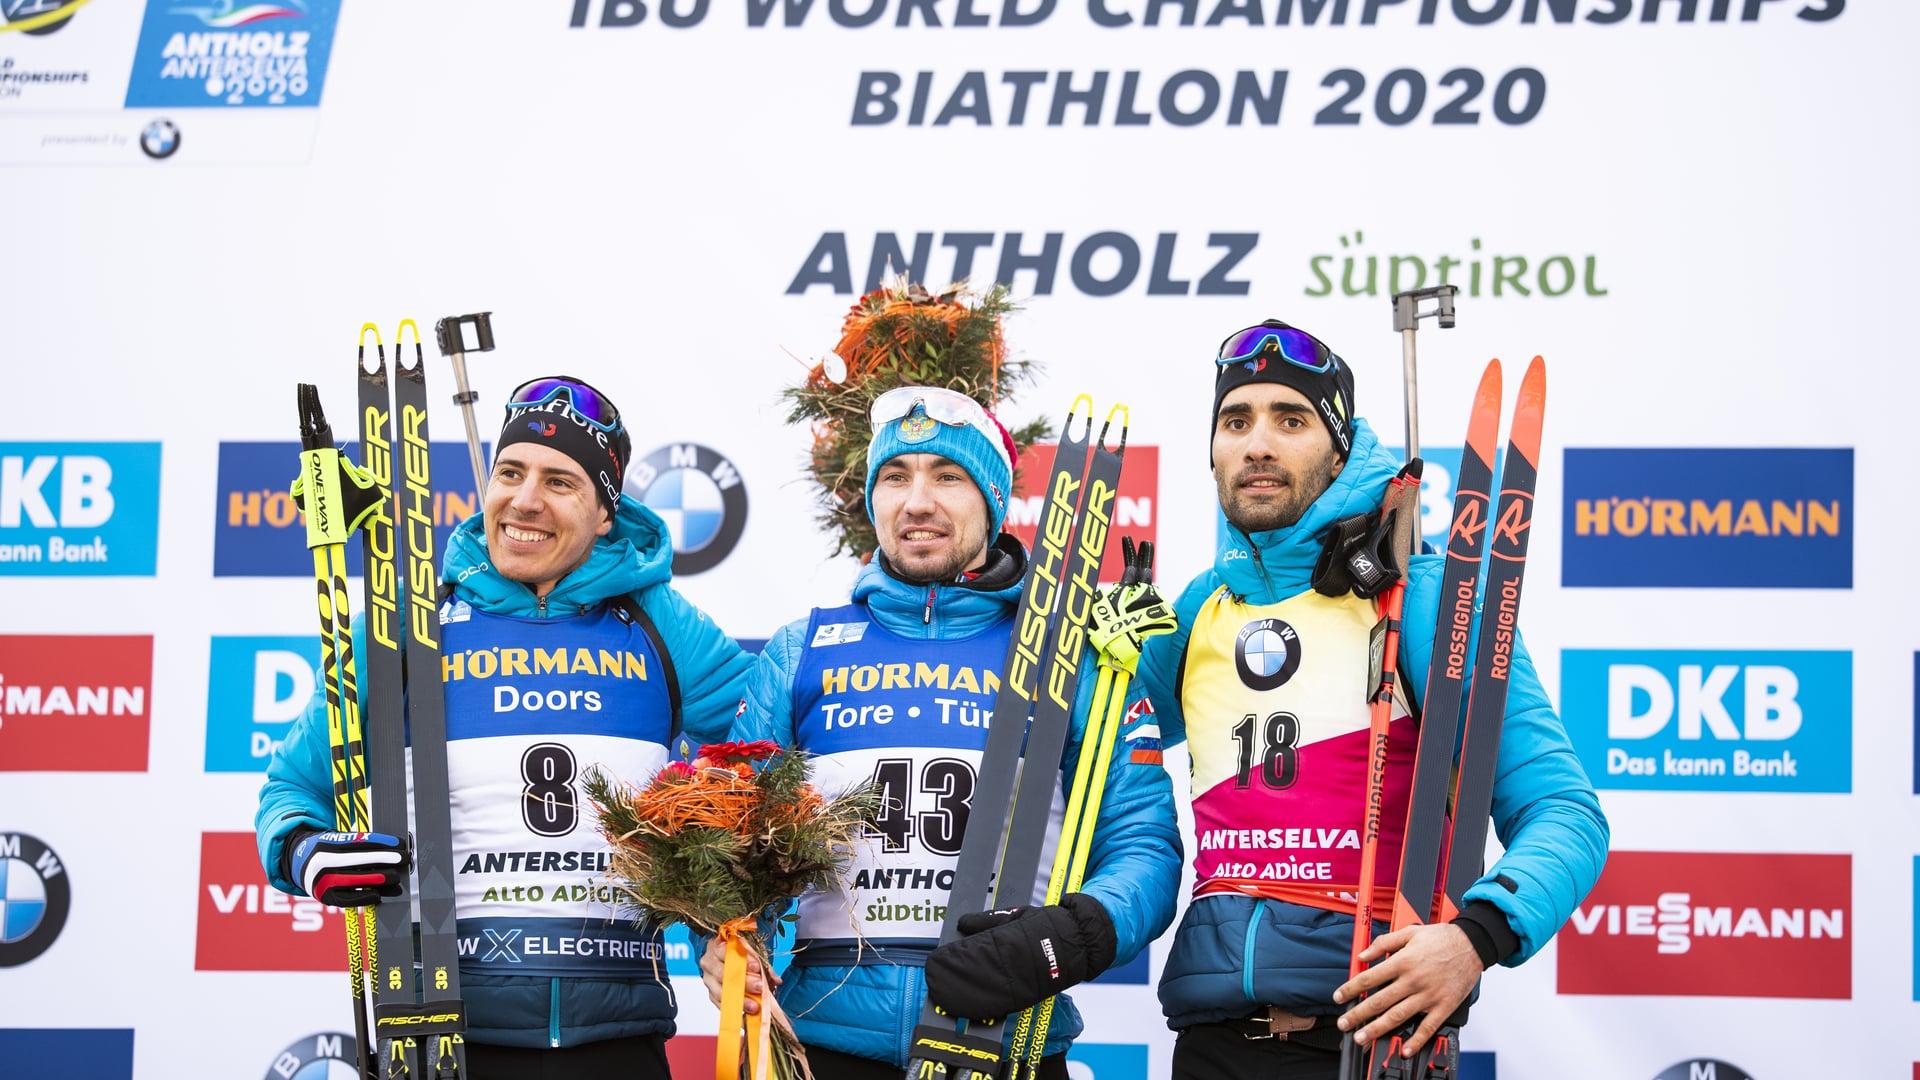 15.02.2020 - Loginov sorprende i favoriti - deludono gli azzurri